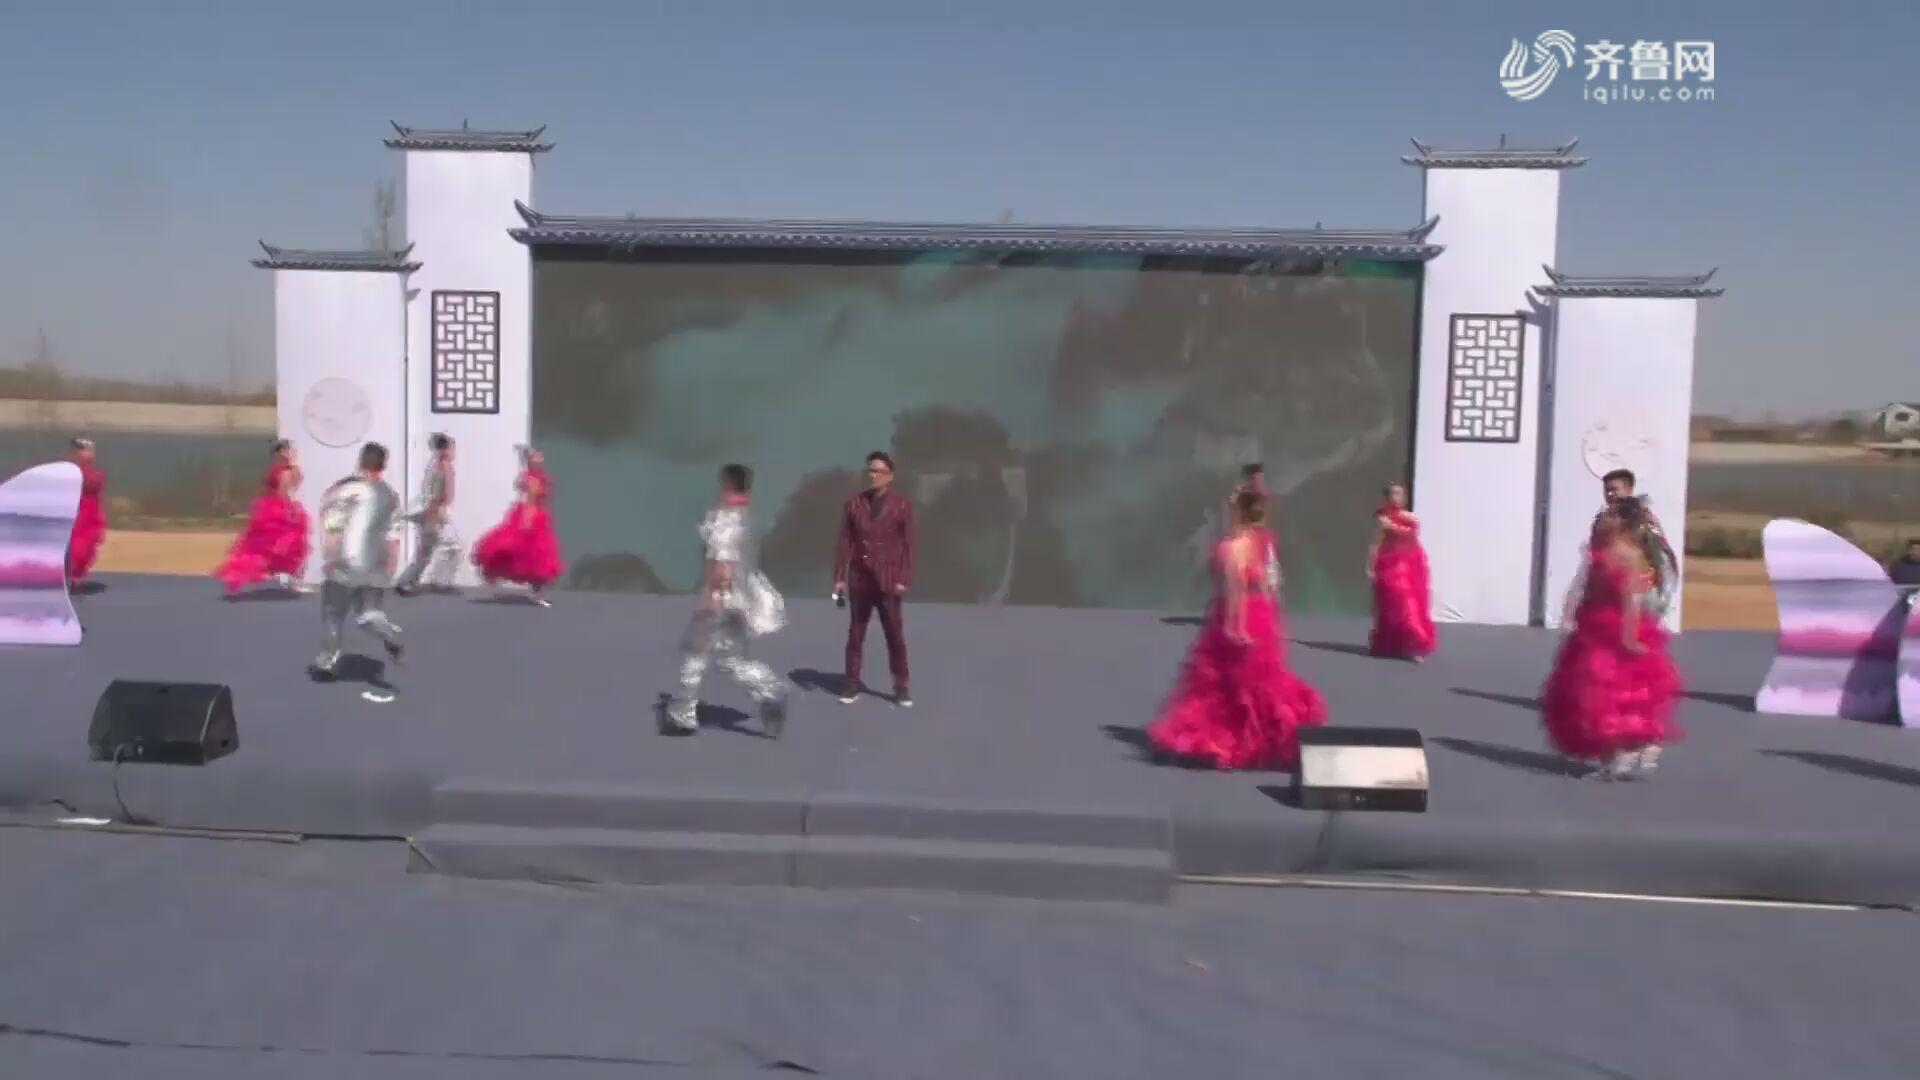 歌伴舞《新的天地》——十里桃花醉桃源·大束镇葛炉山第三届雲梦桃源桃花节